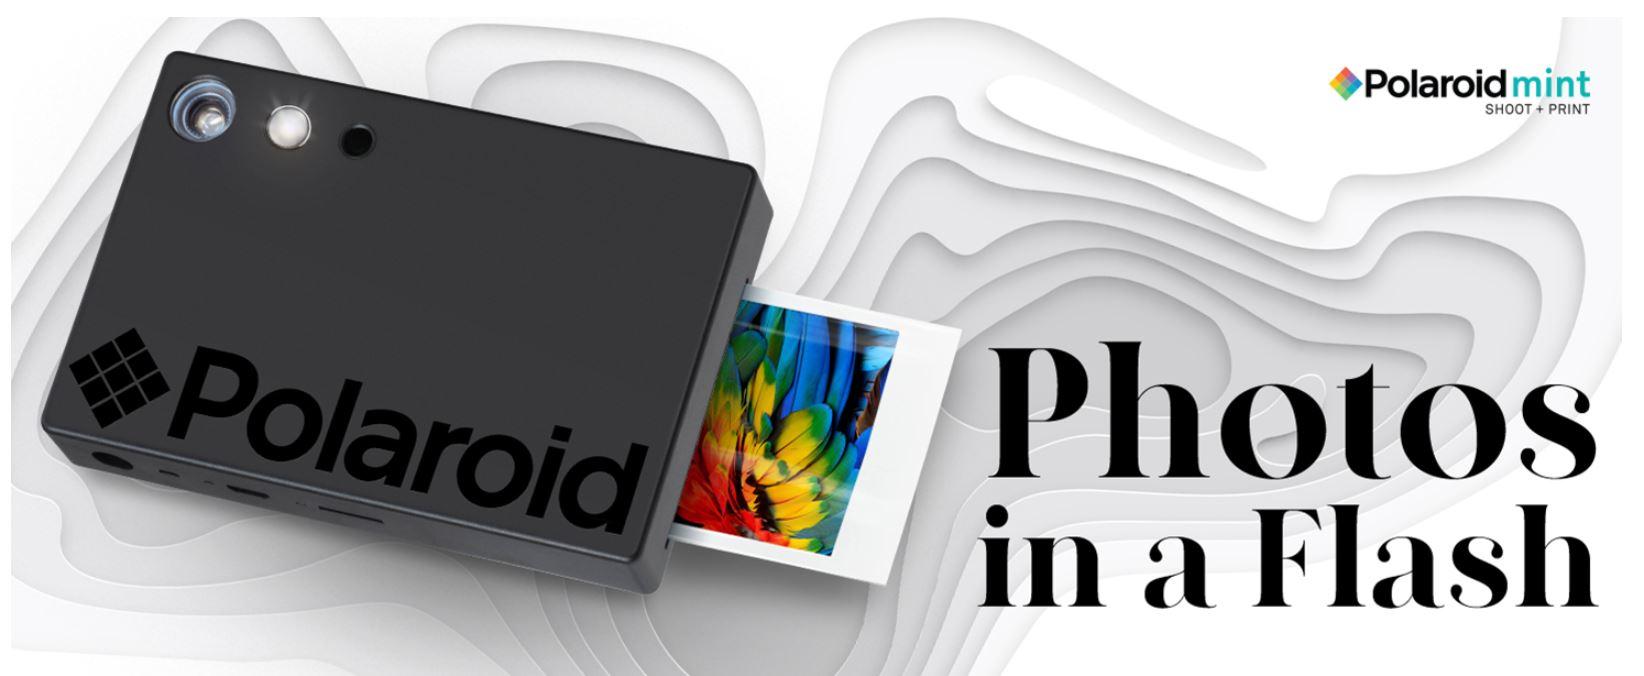 מצלמת Polaroid Mint פולארויד